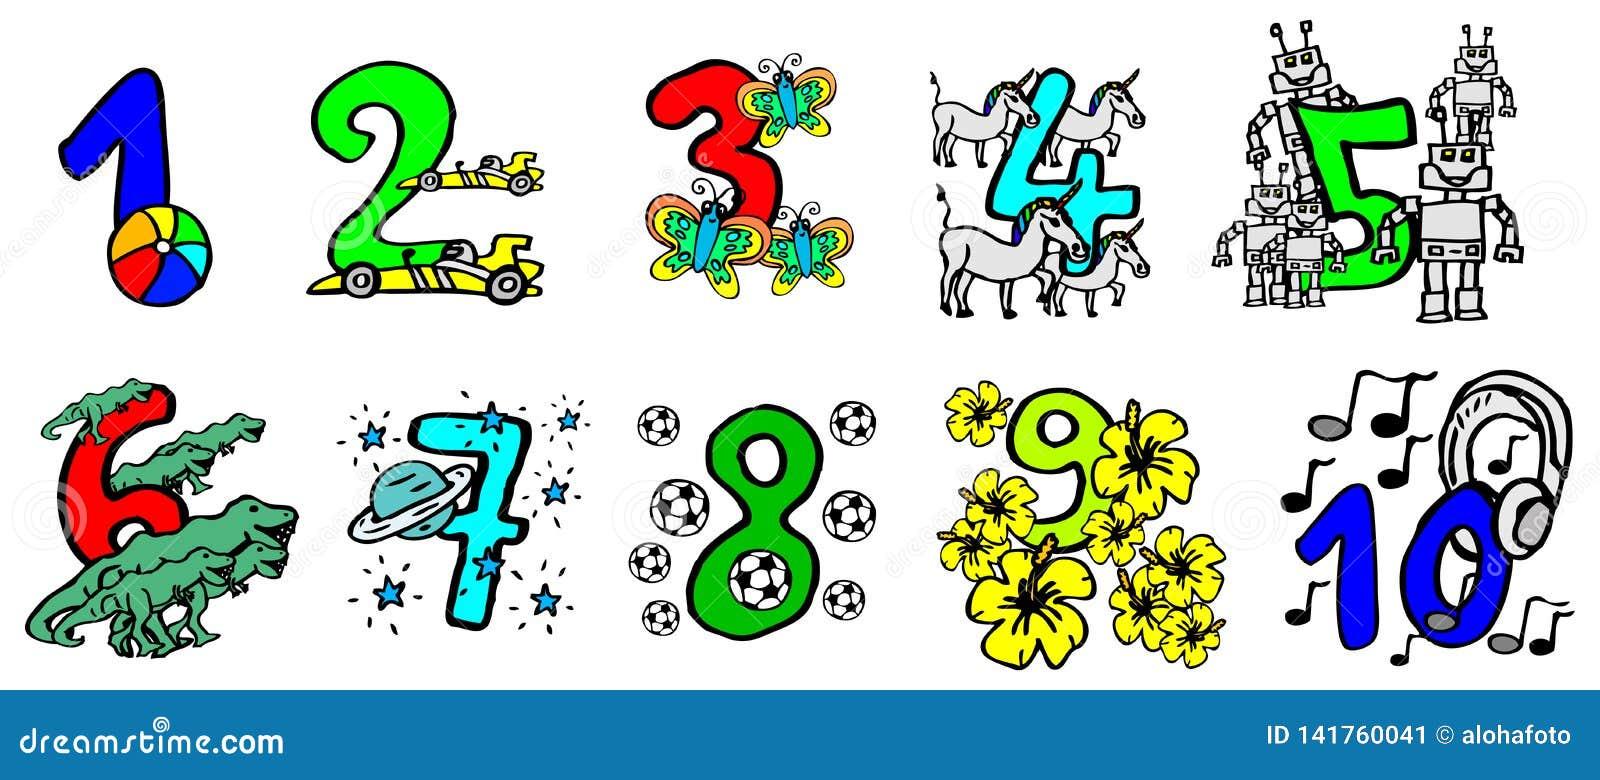 Den härliga handen målade färgrika nummer för ungar med lyckliga bilder och vänliga djur för att lära numren och för födelsedag